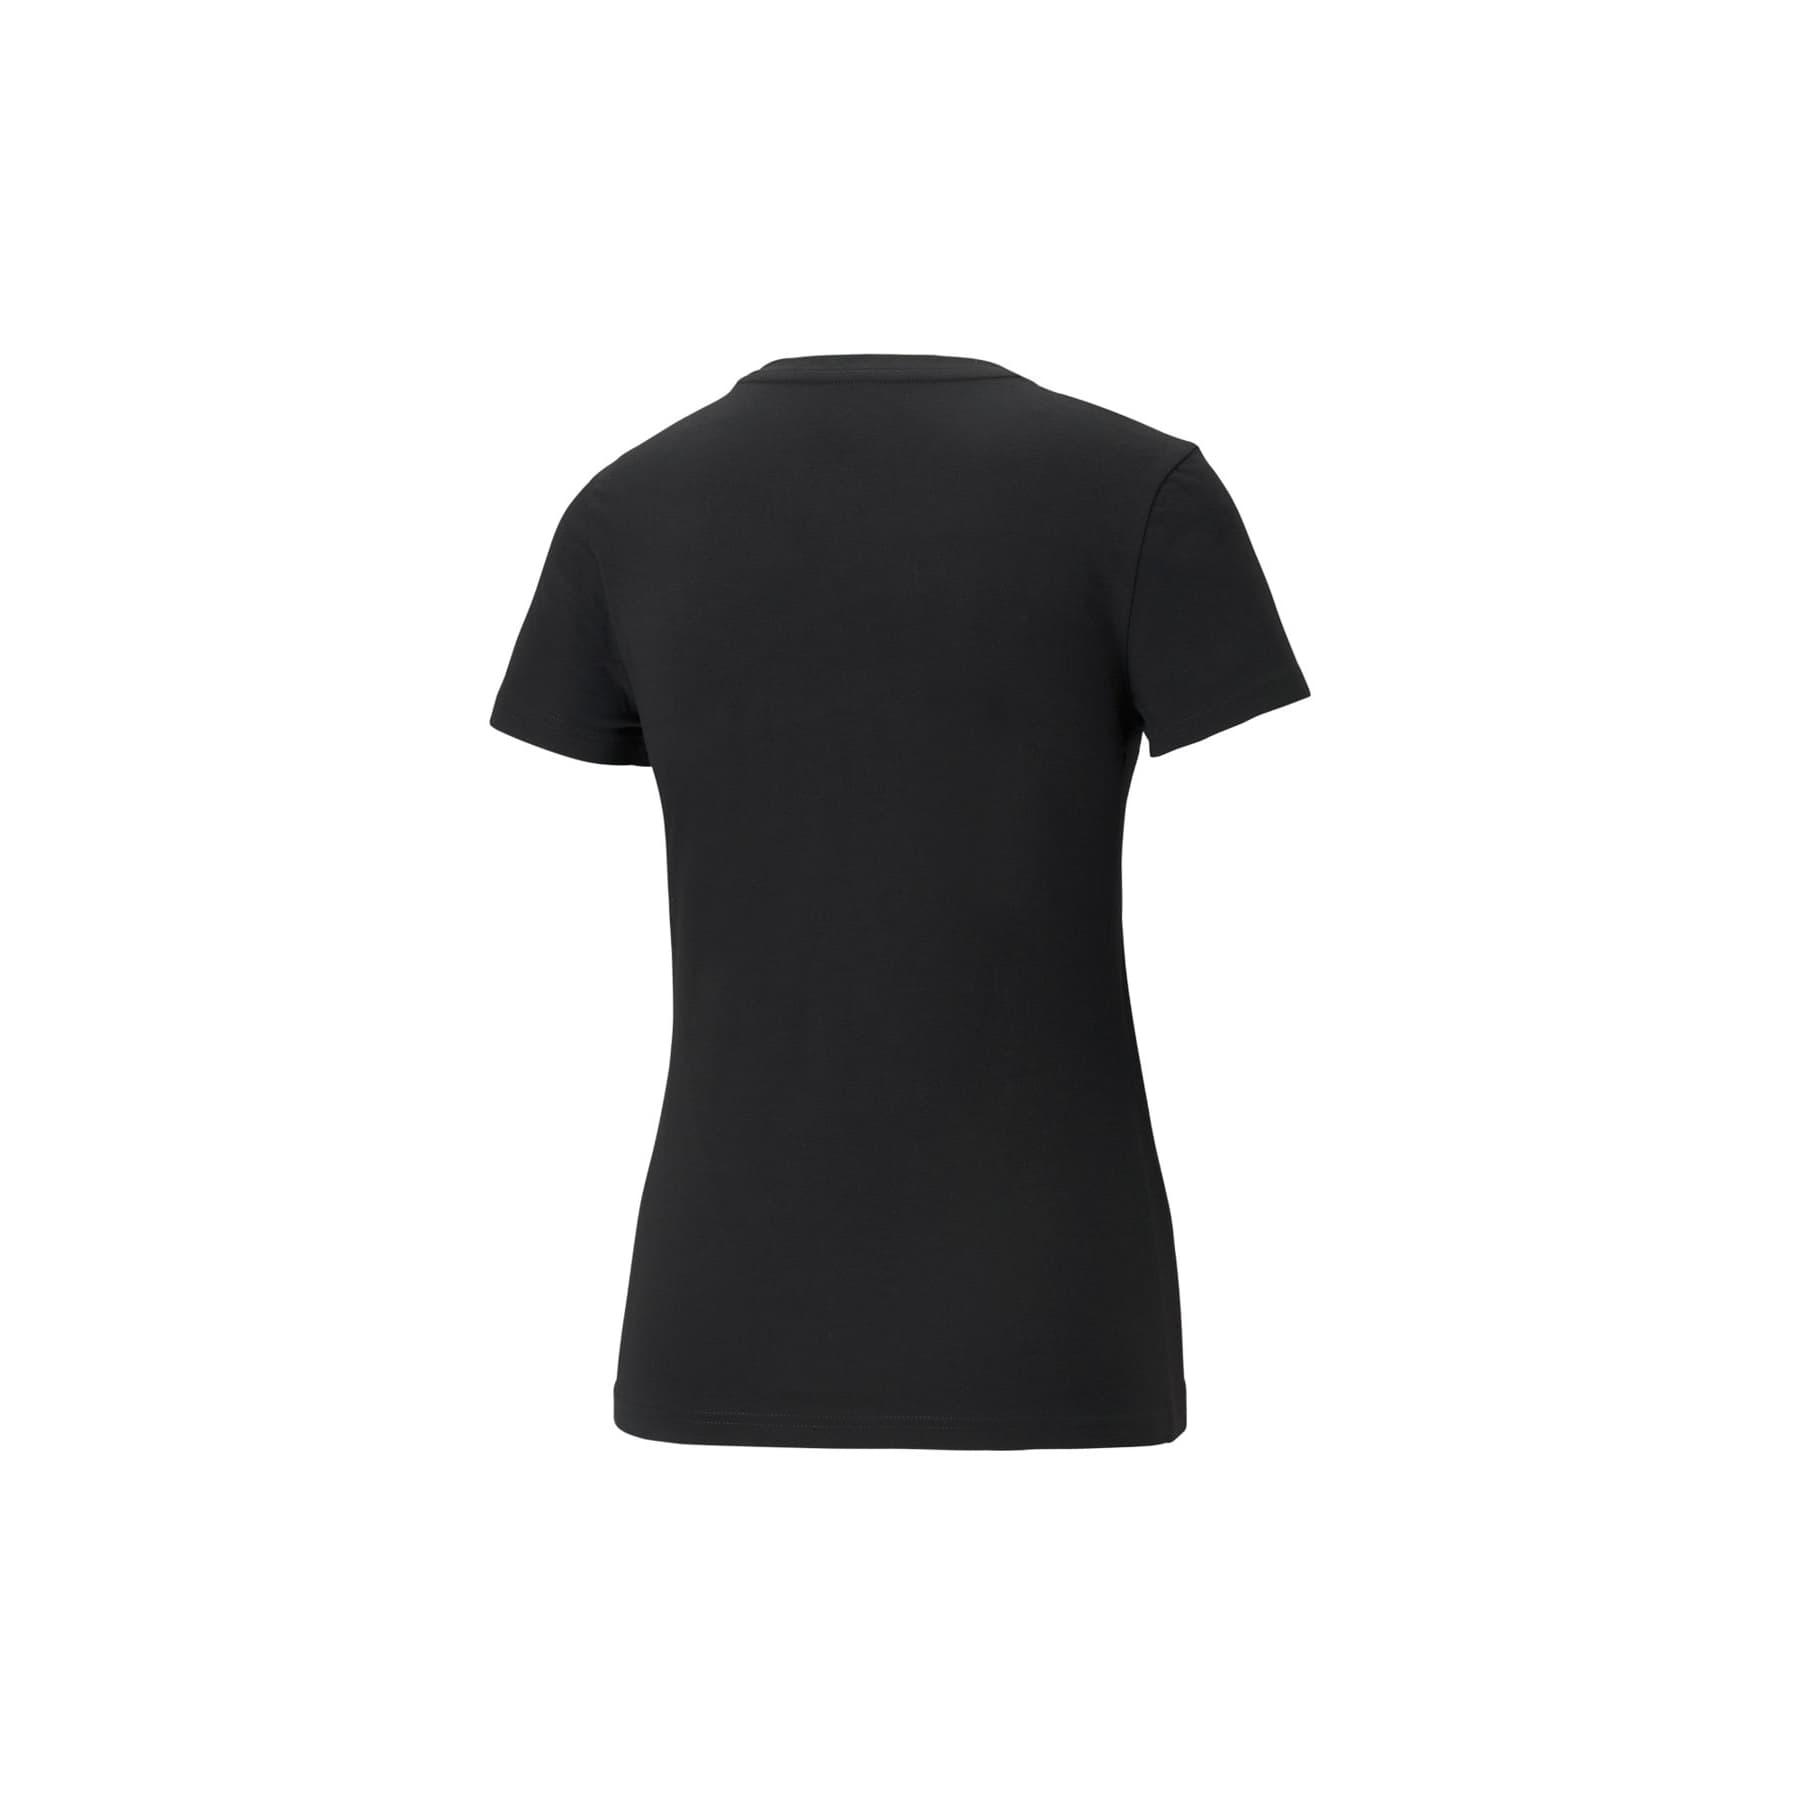 Essentials+ Metallic Kadın Siyah Tişört (586890-51)